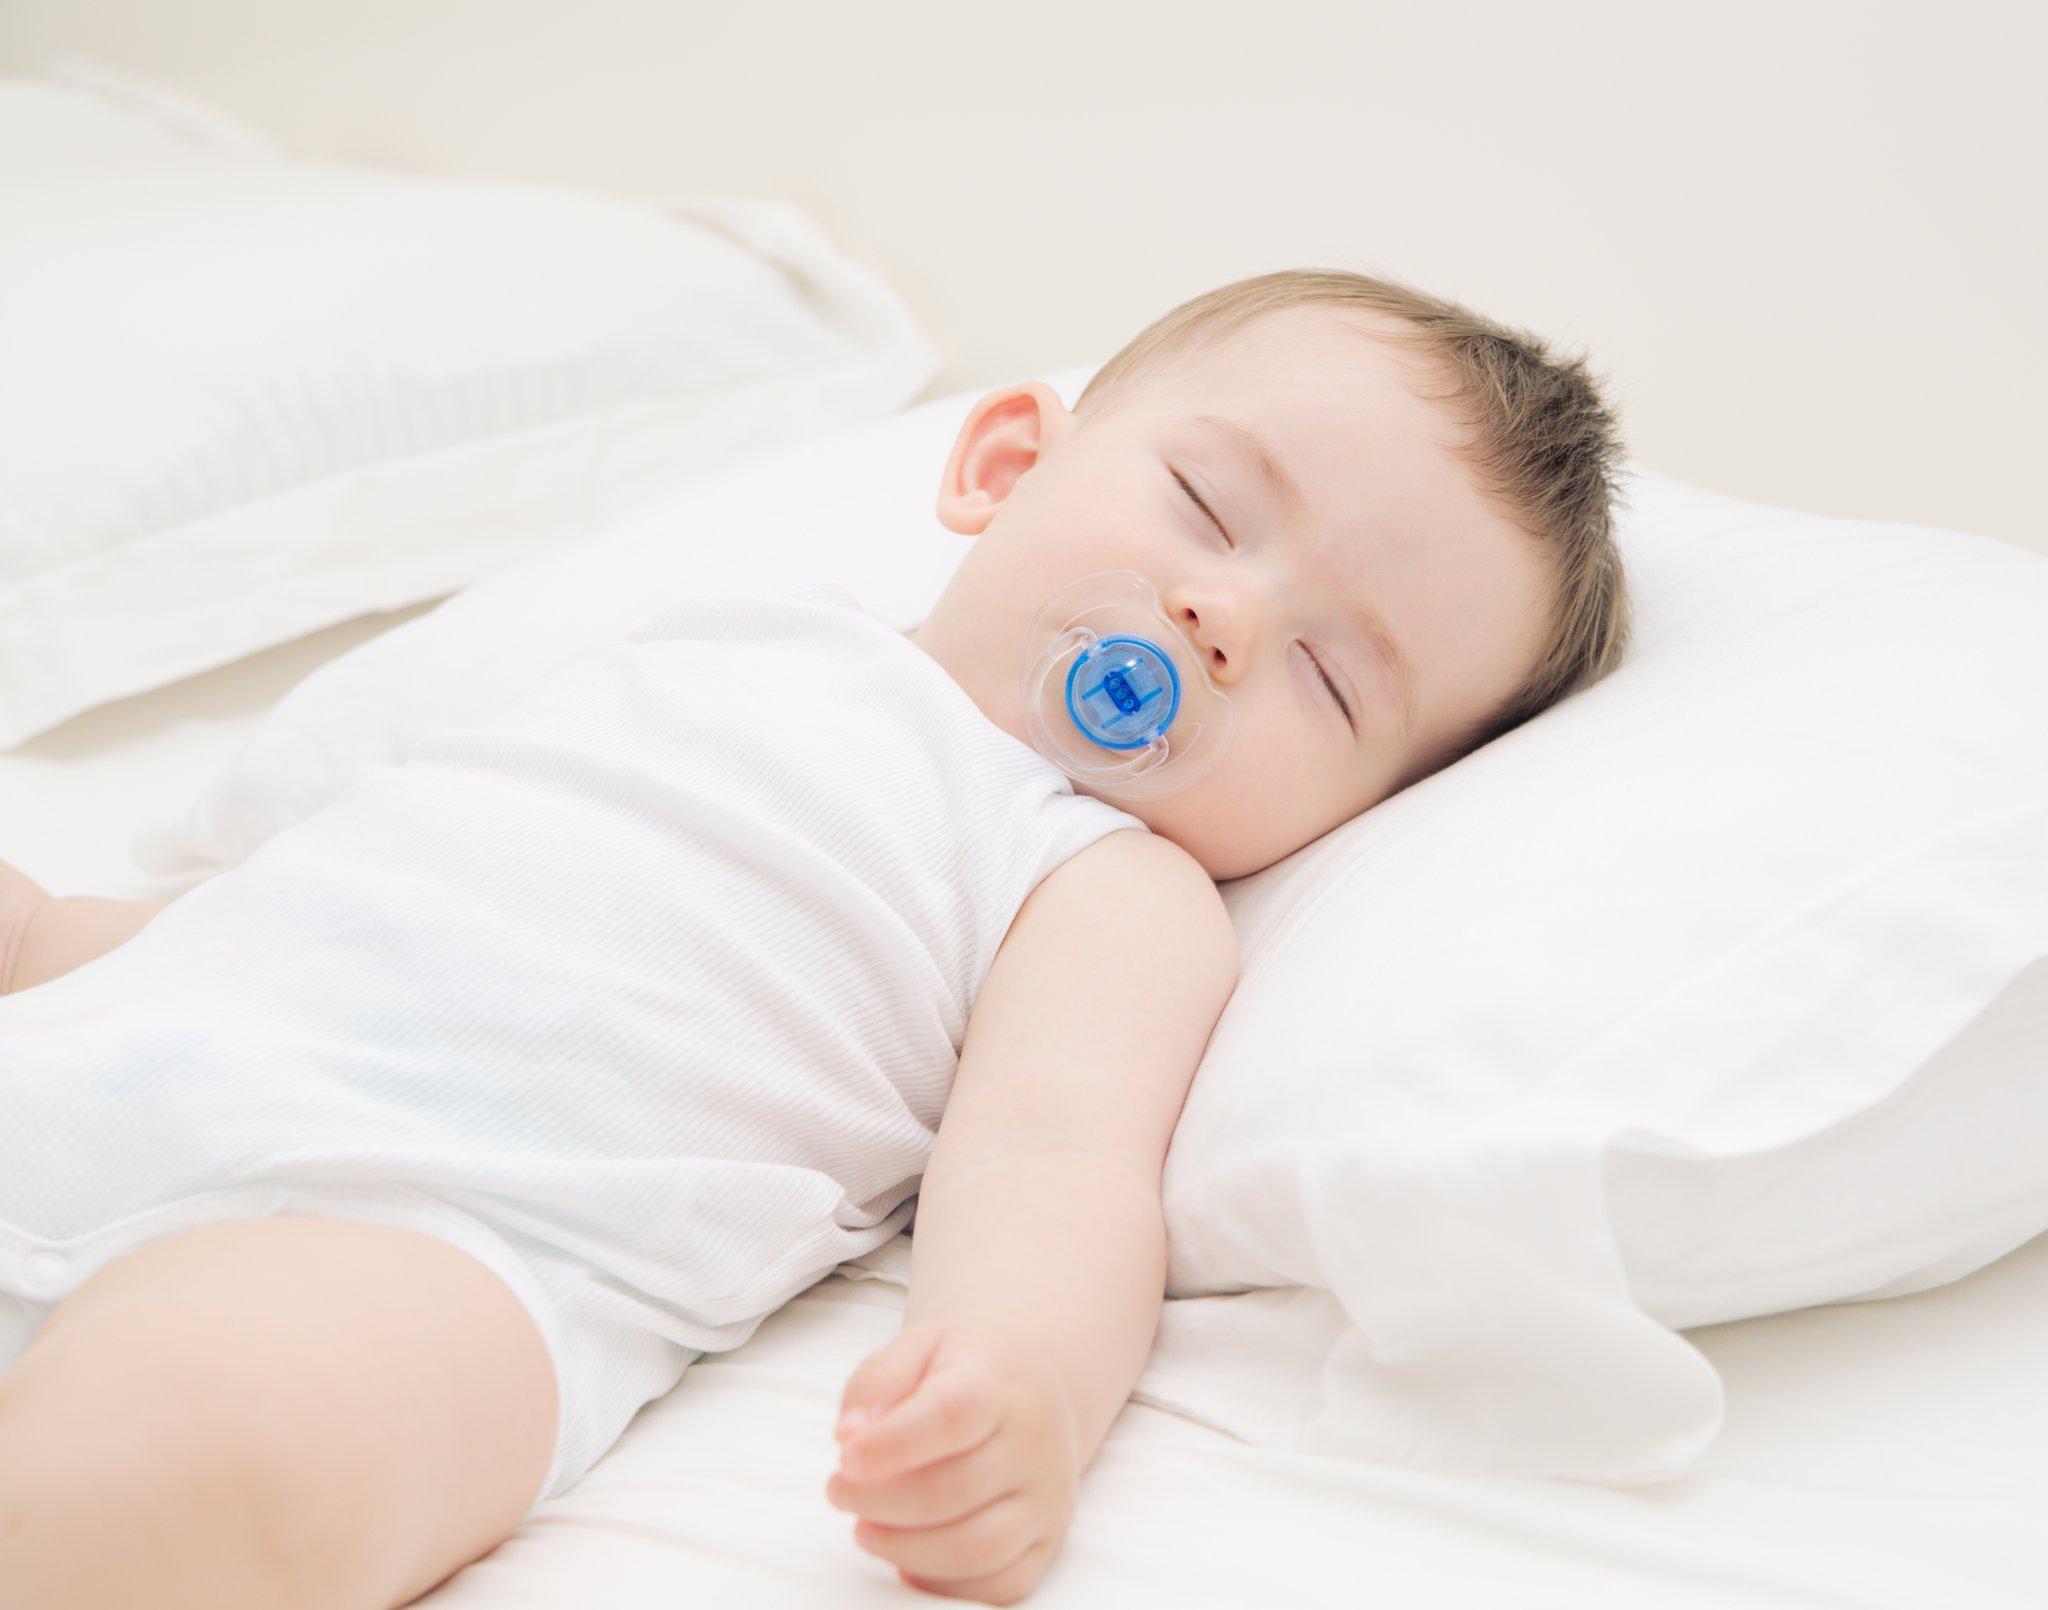 5 lý do thuyết phục cha mẹ không nên cho trẻ sơ sinh nằm gối - Ảnh 1